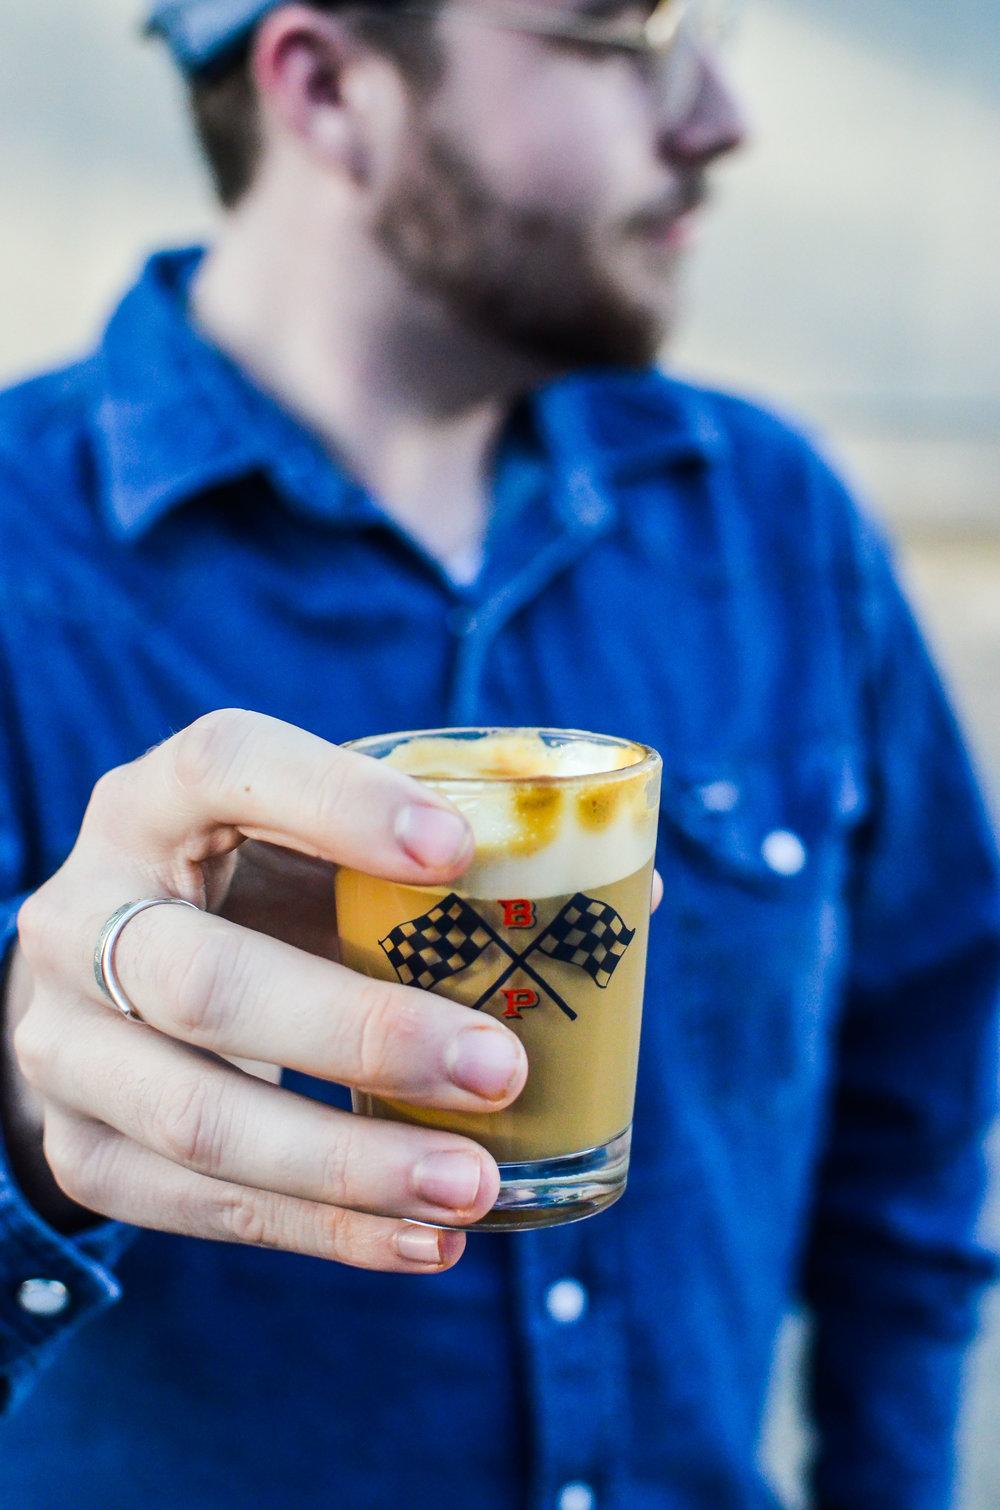 Wendling_Boyd_Barista_Parlor_Craft_Coffee_Culture-16.jpg